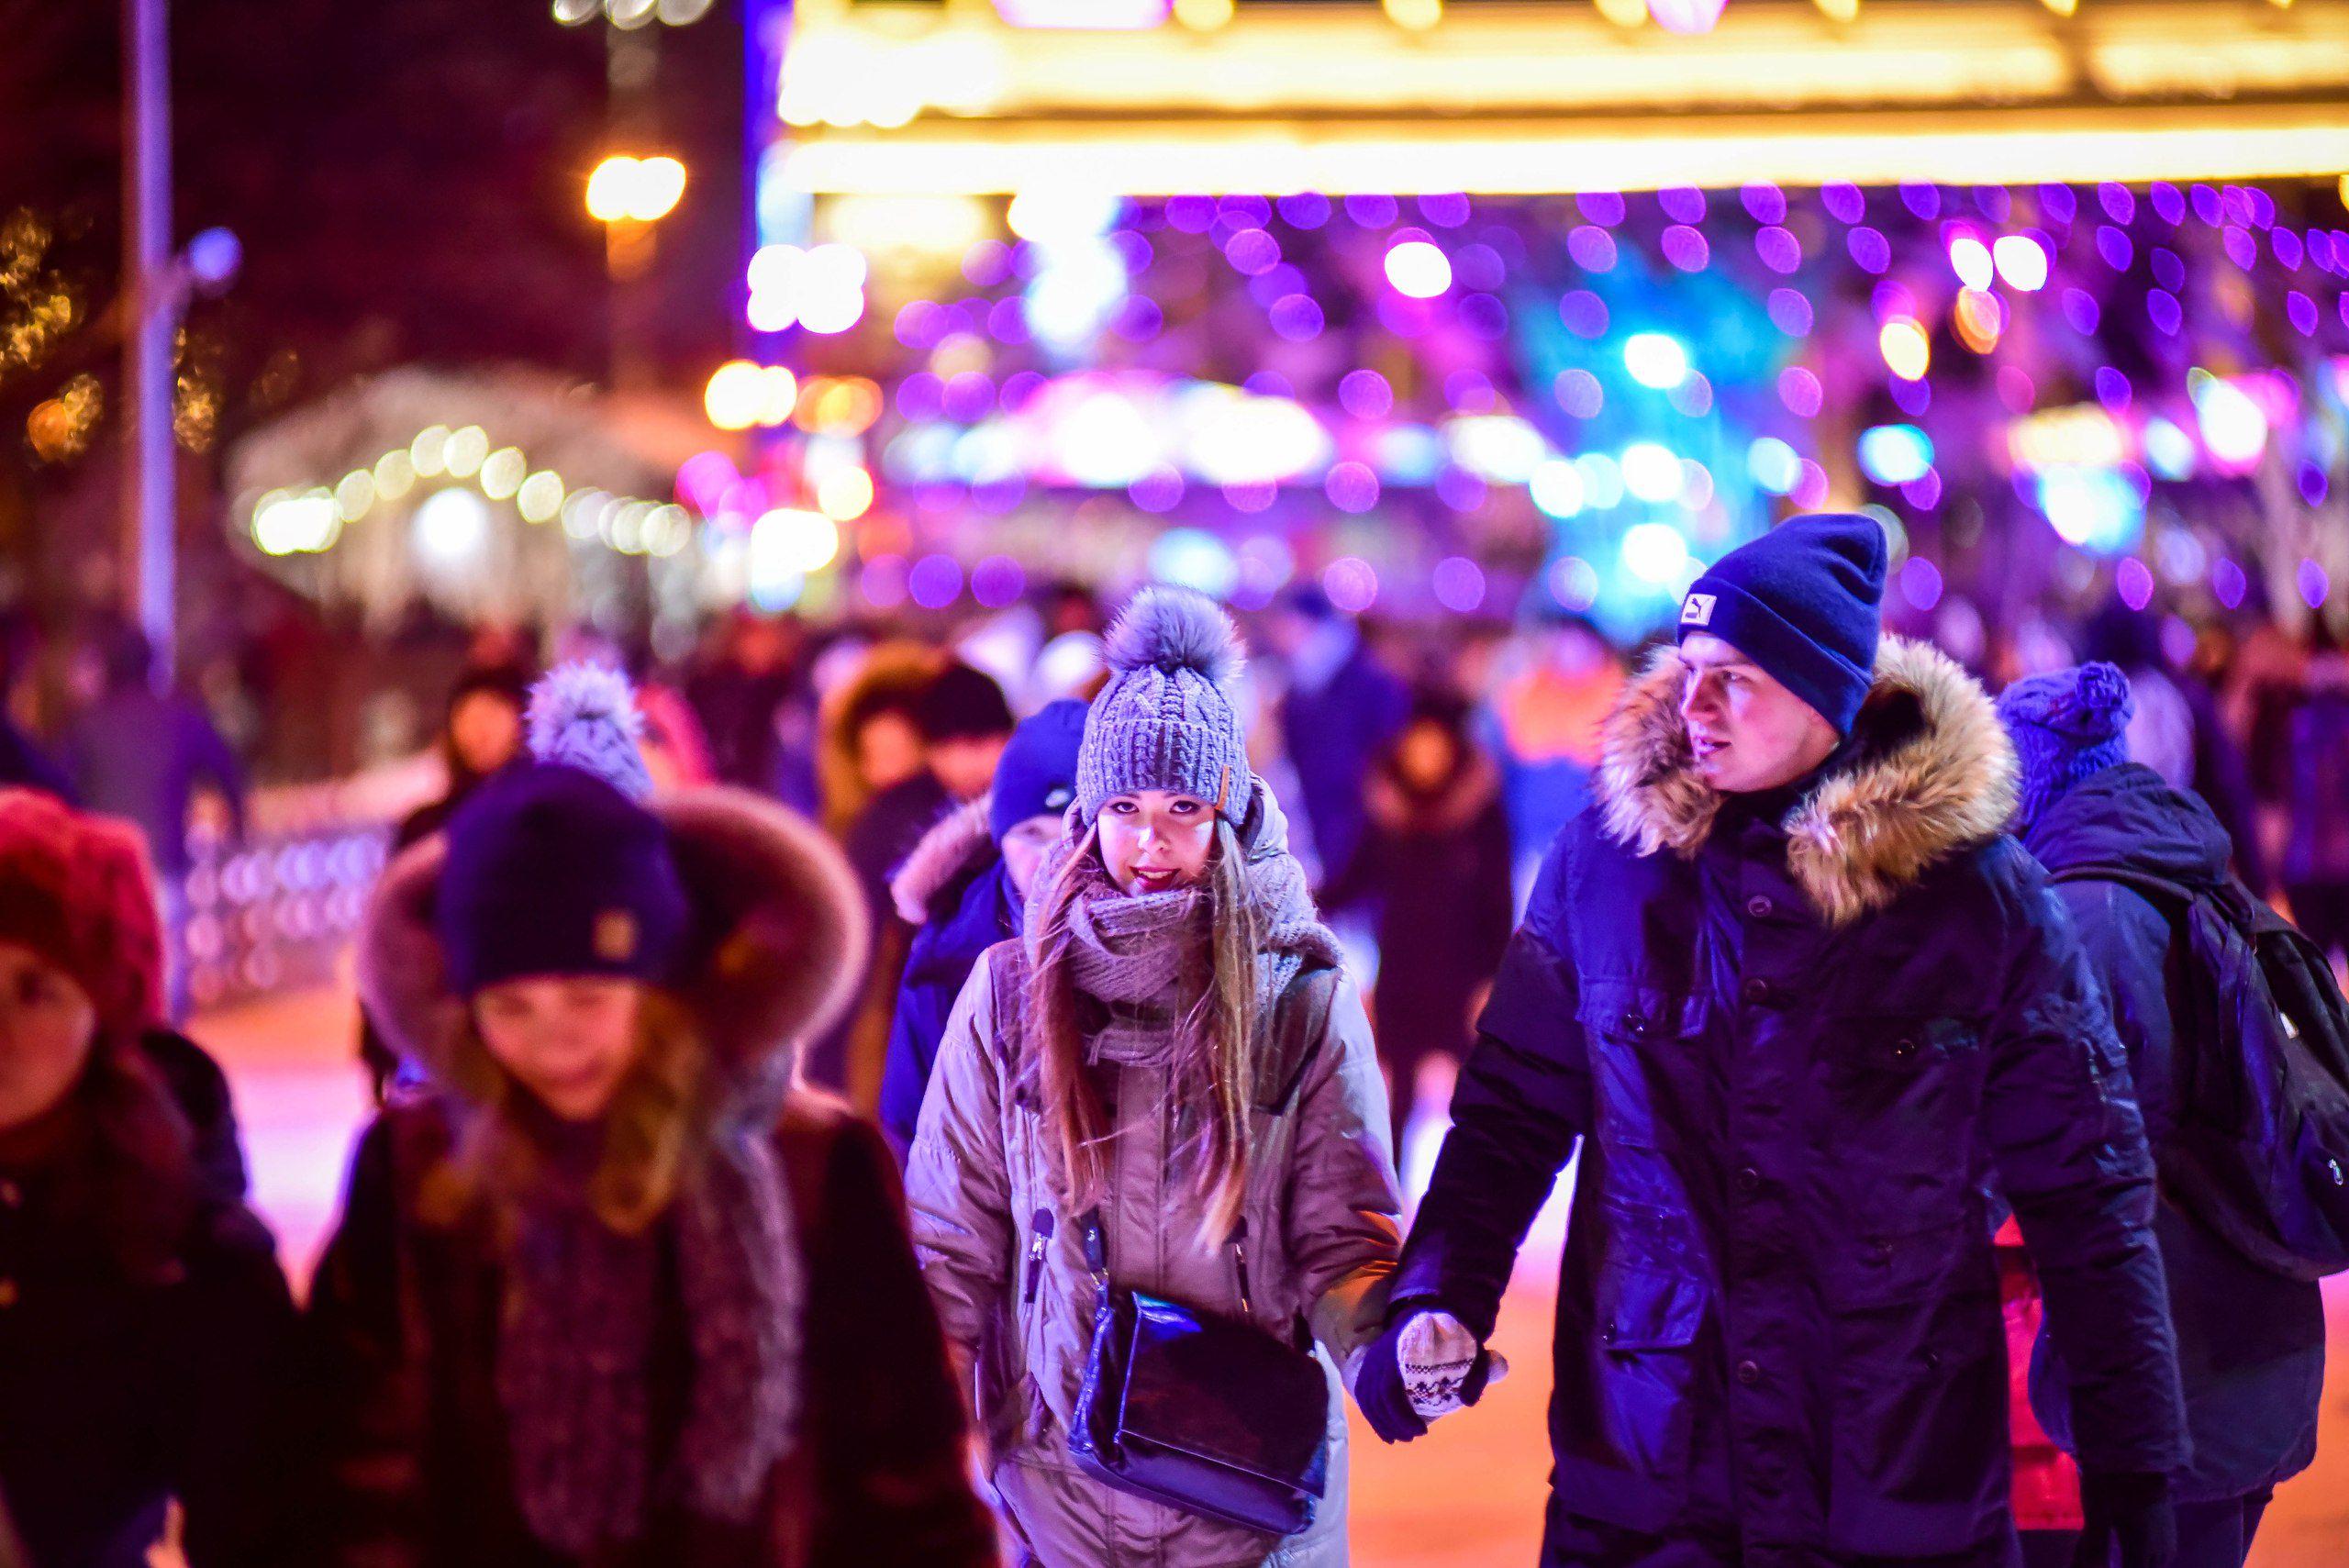 Москва для двоих  Куда сходить с девушкой в Москве вдвоем